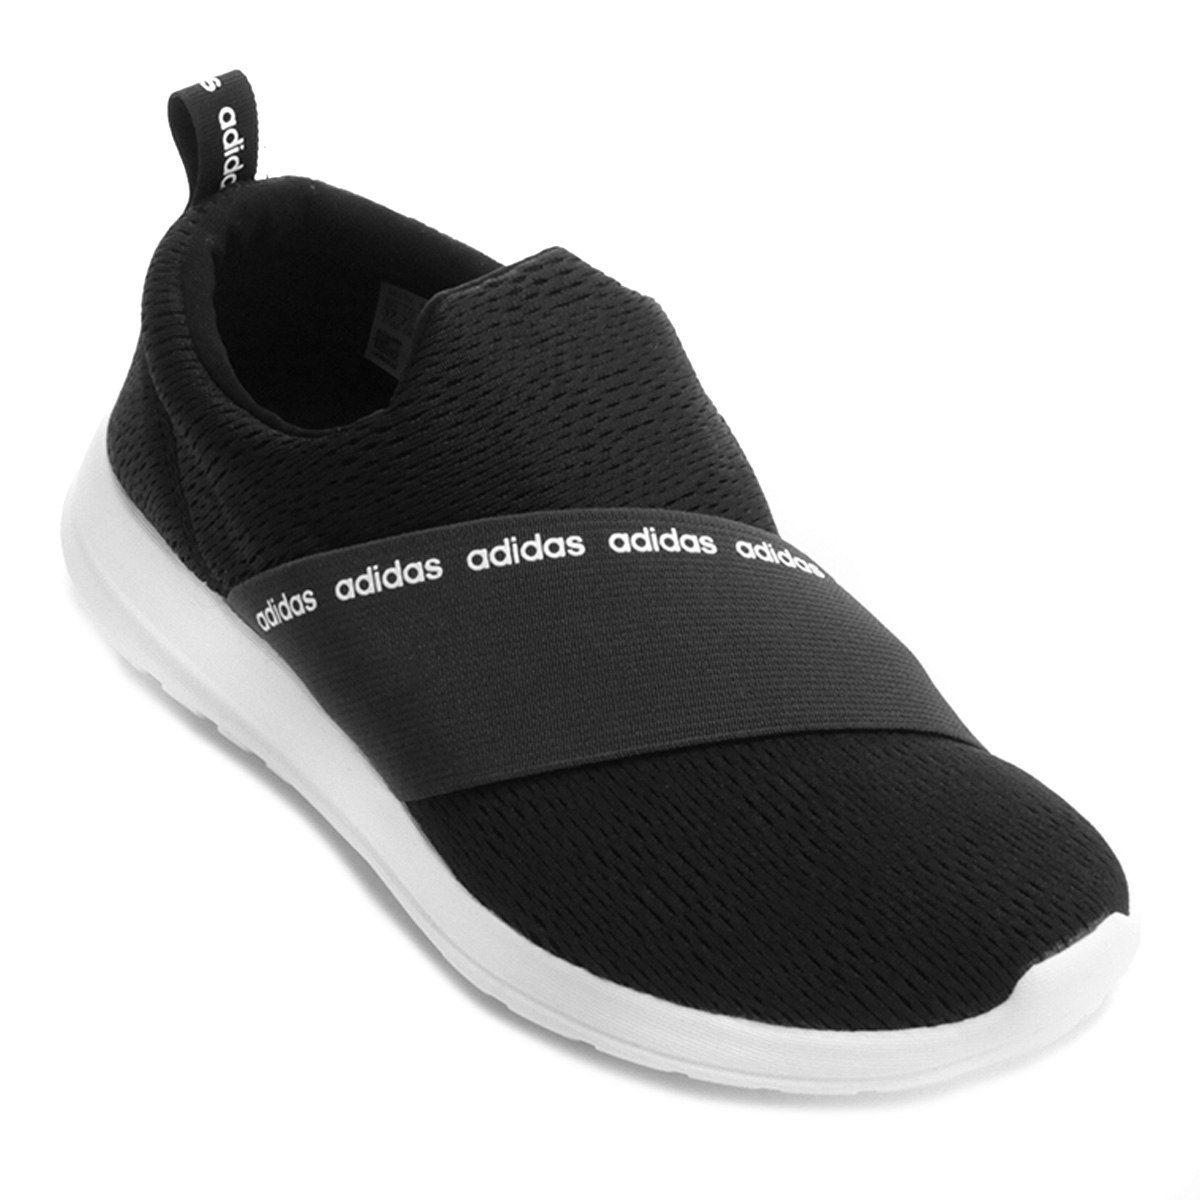 c6f71b440d Tênis Adidas Cf Refine Adapt W Feminino - Compre Agora